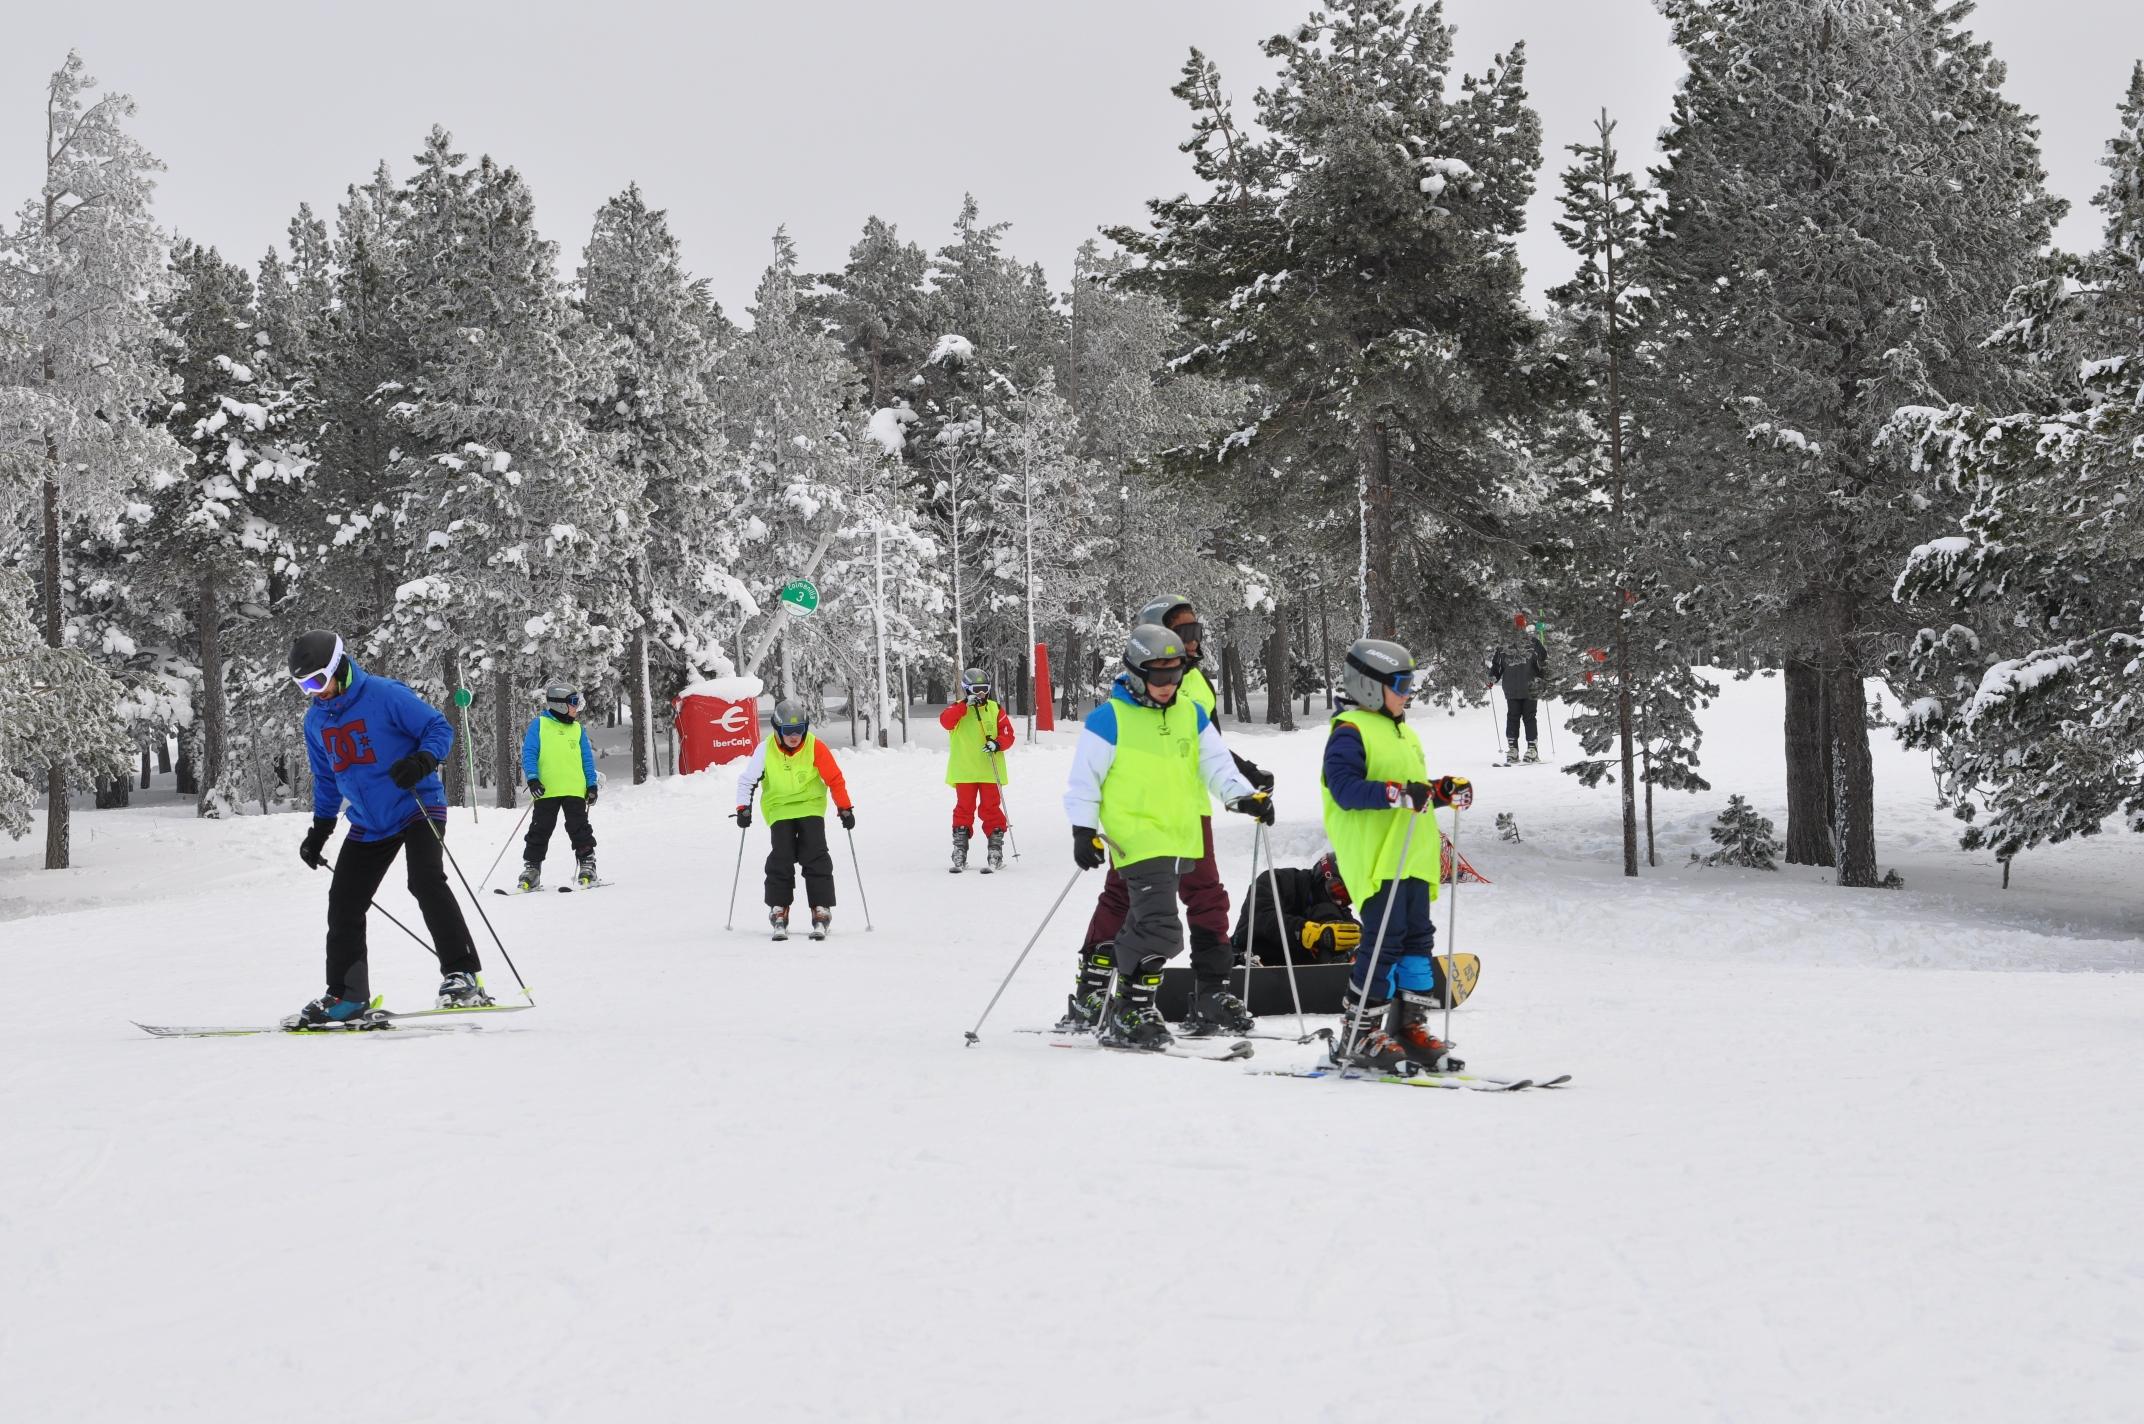 Aramón recibe febrero con pruebas deportivas de esquí de travesía y alpino, y 250 kilómetros para que disfrutes